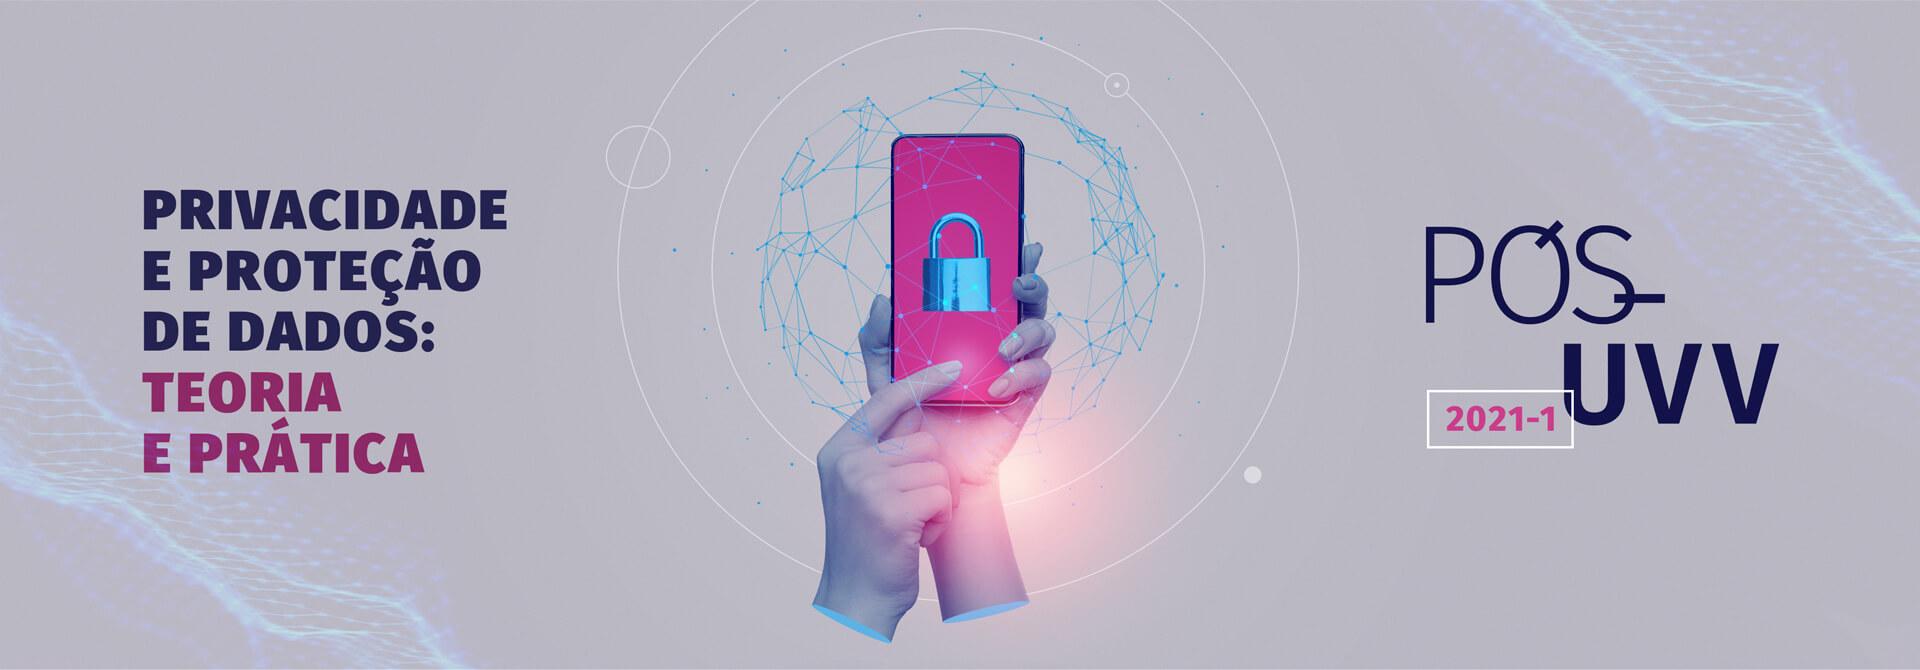 Faça Pós-Graduação em Privacidade e Proteção de dados